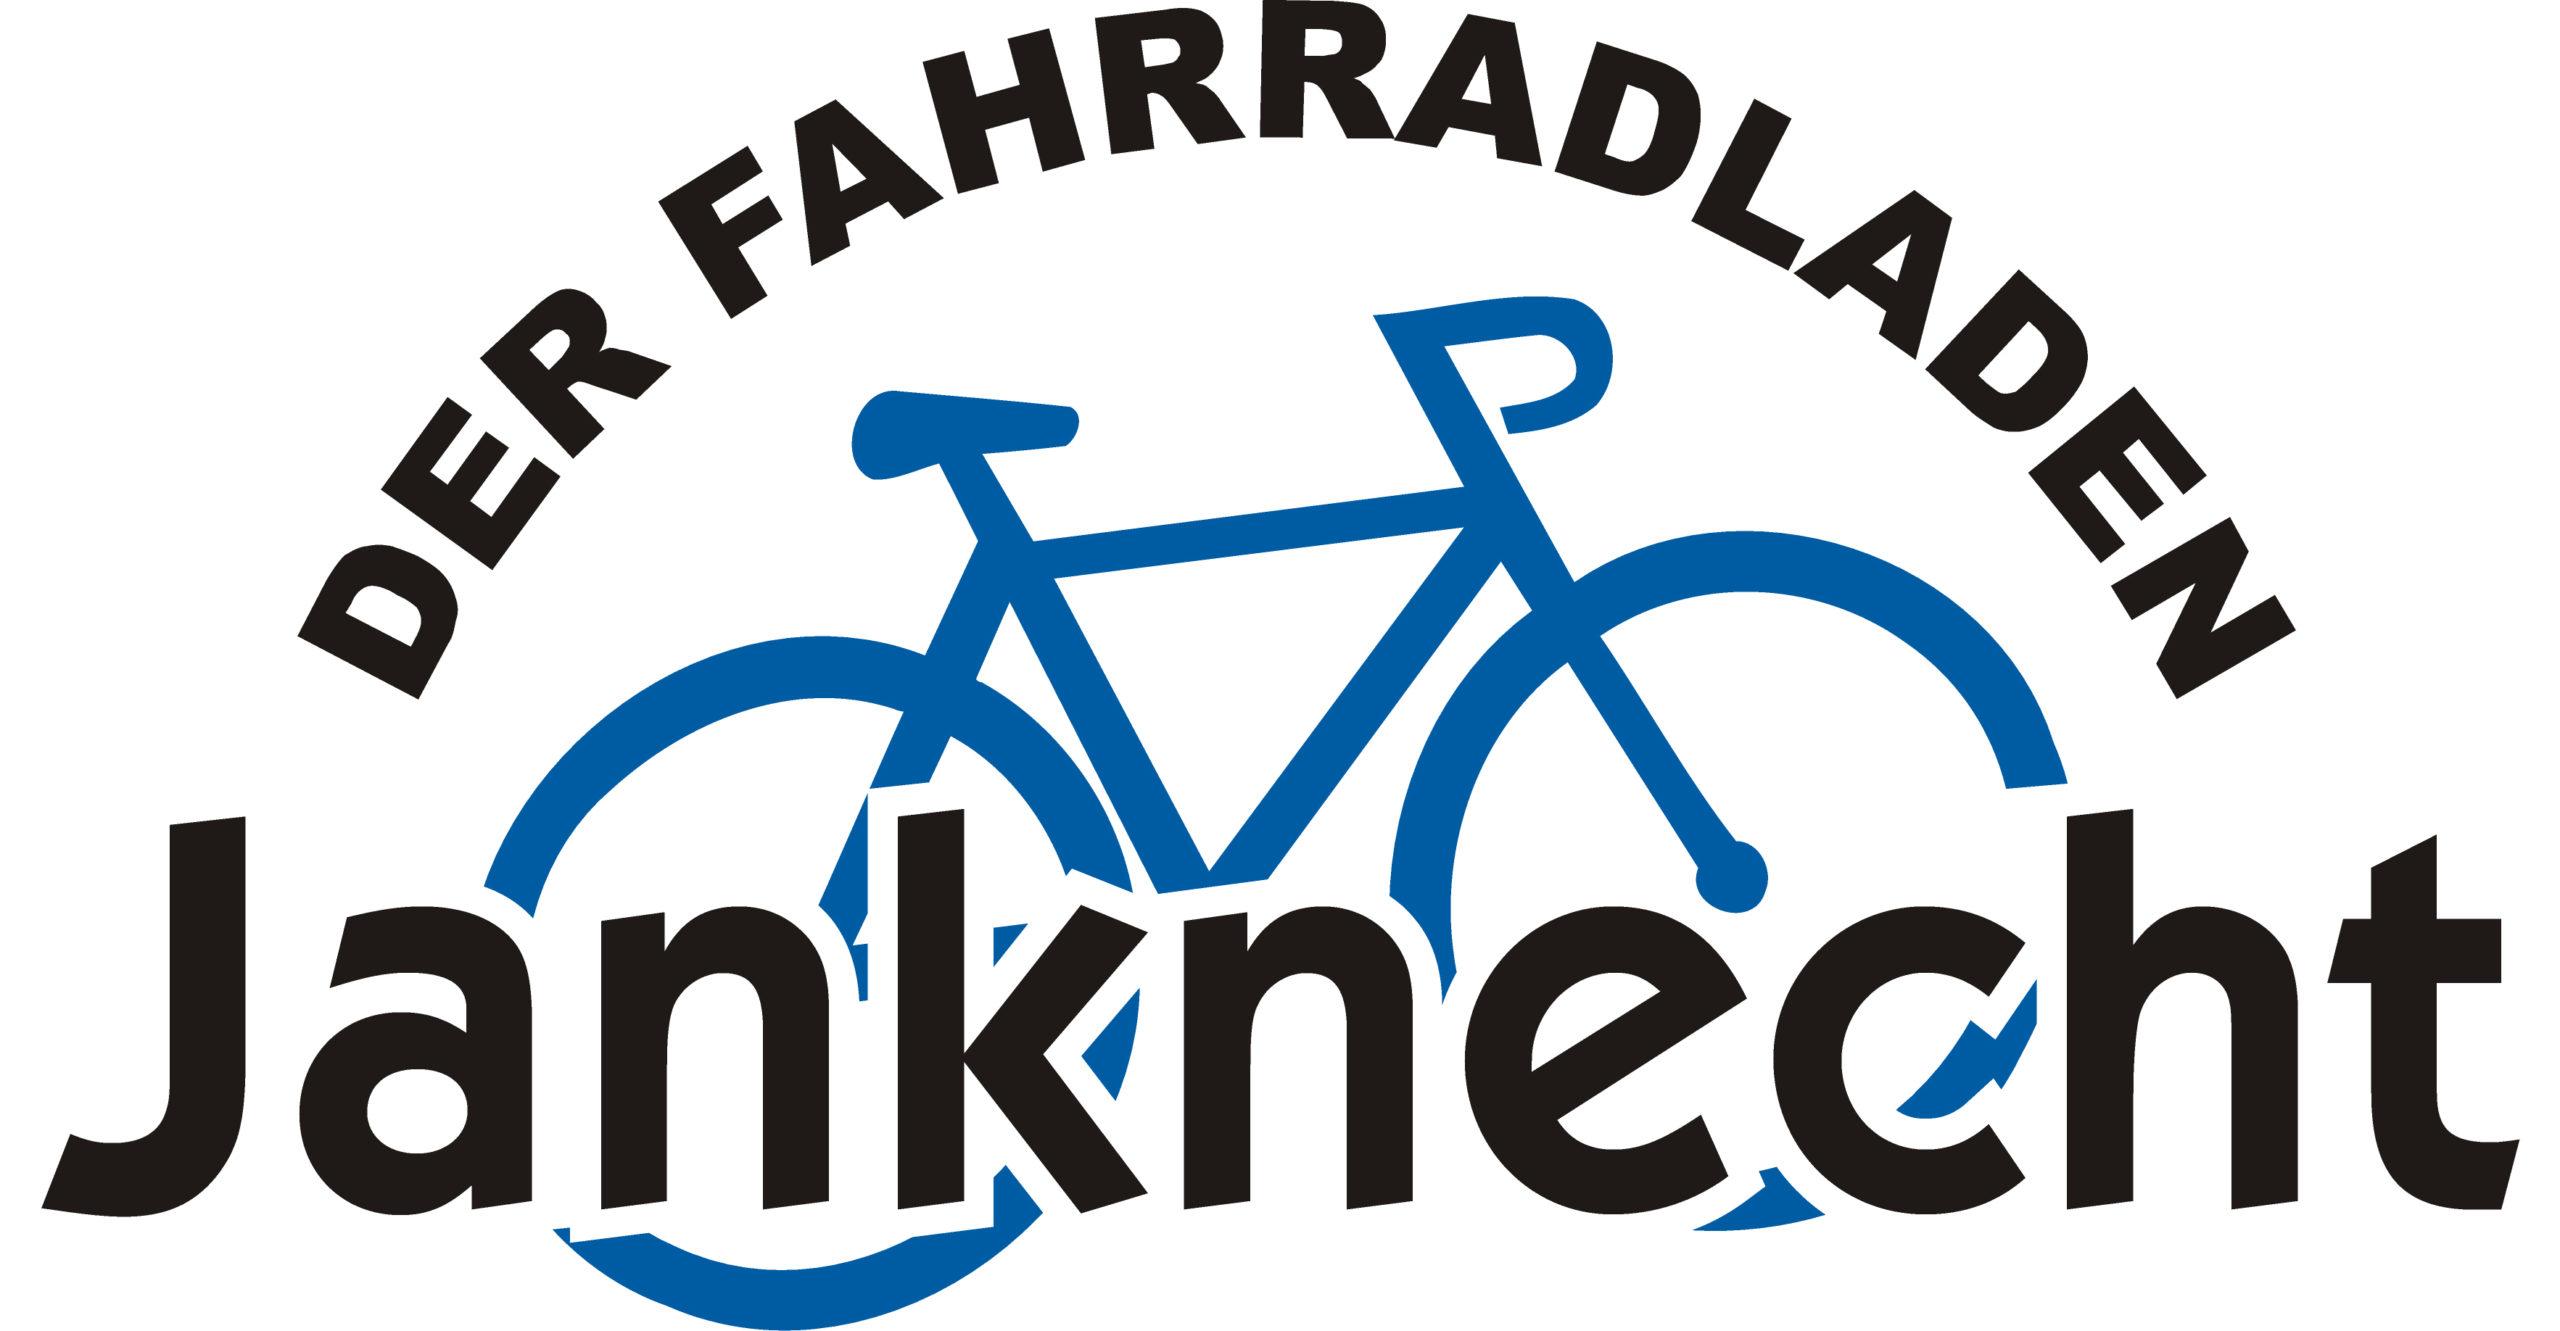 Der Fahrradladen Janknecht